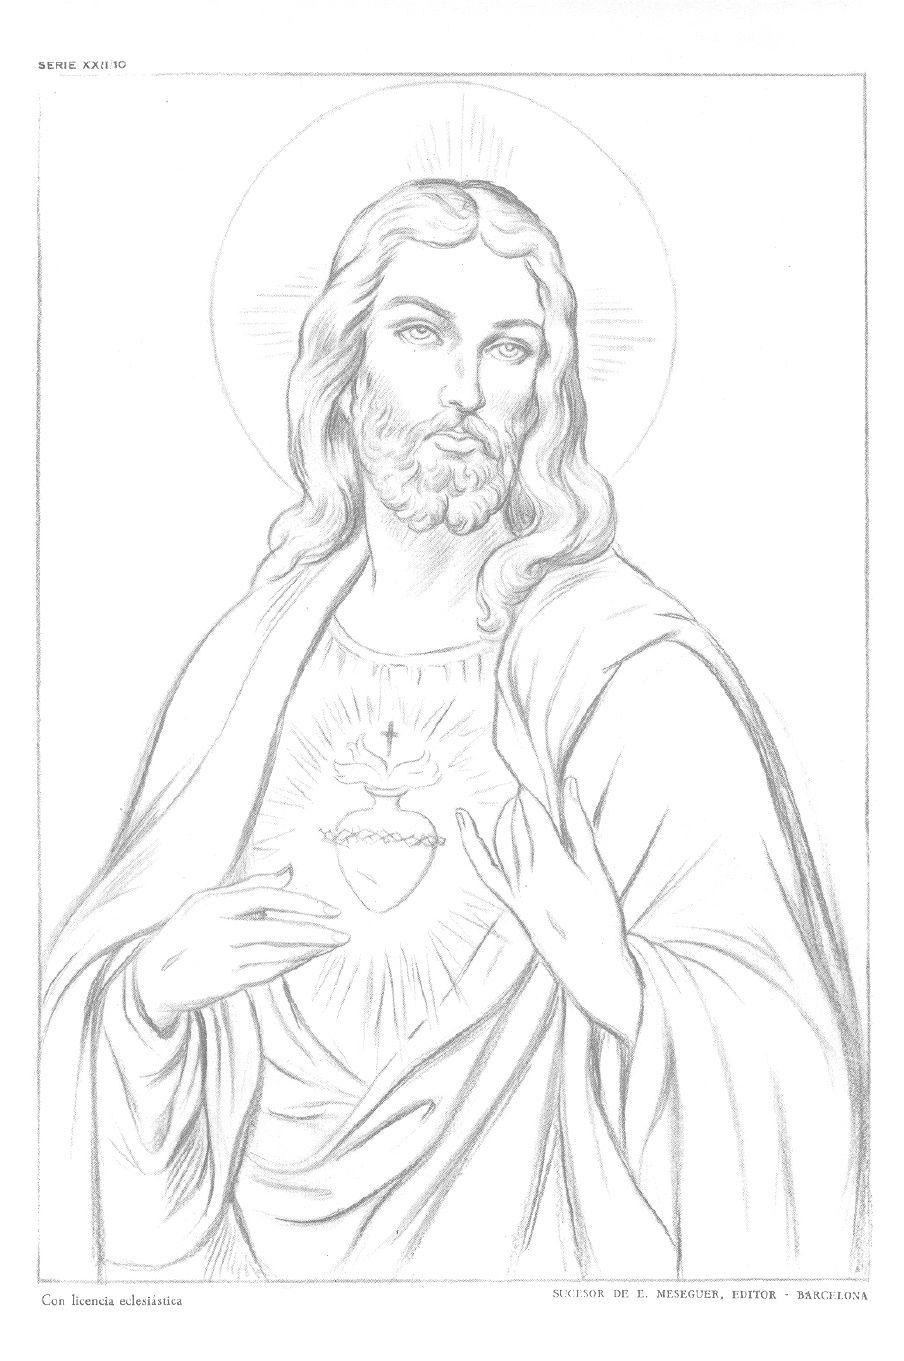 Laminas Emilio Freixas Serie 22 Figuras Religiosas I Figuras Religiosas Dibujos De Jesus Arte De Jesus